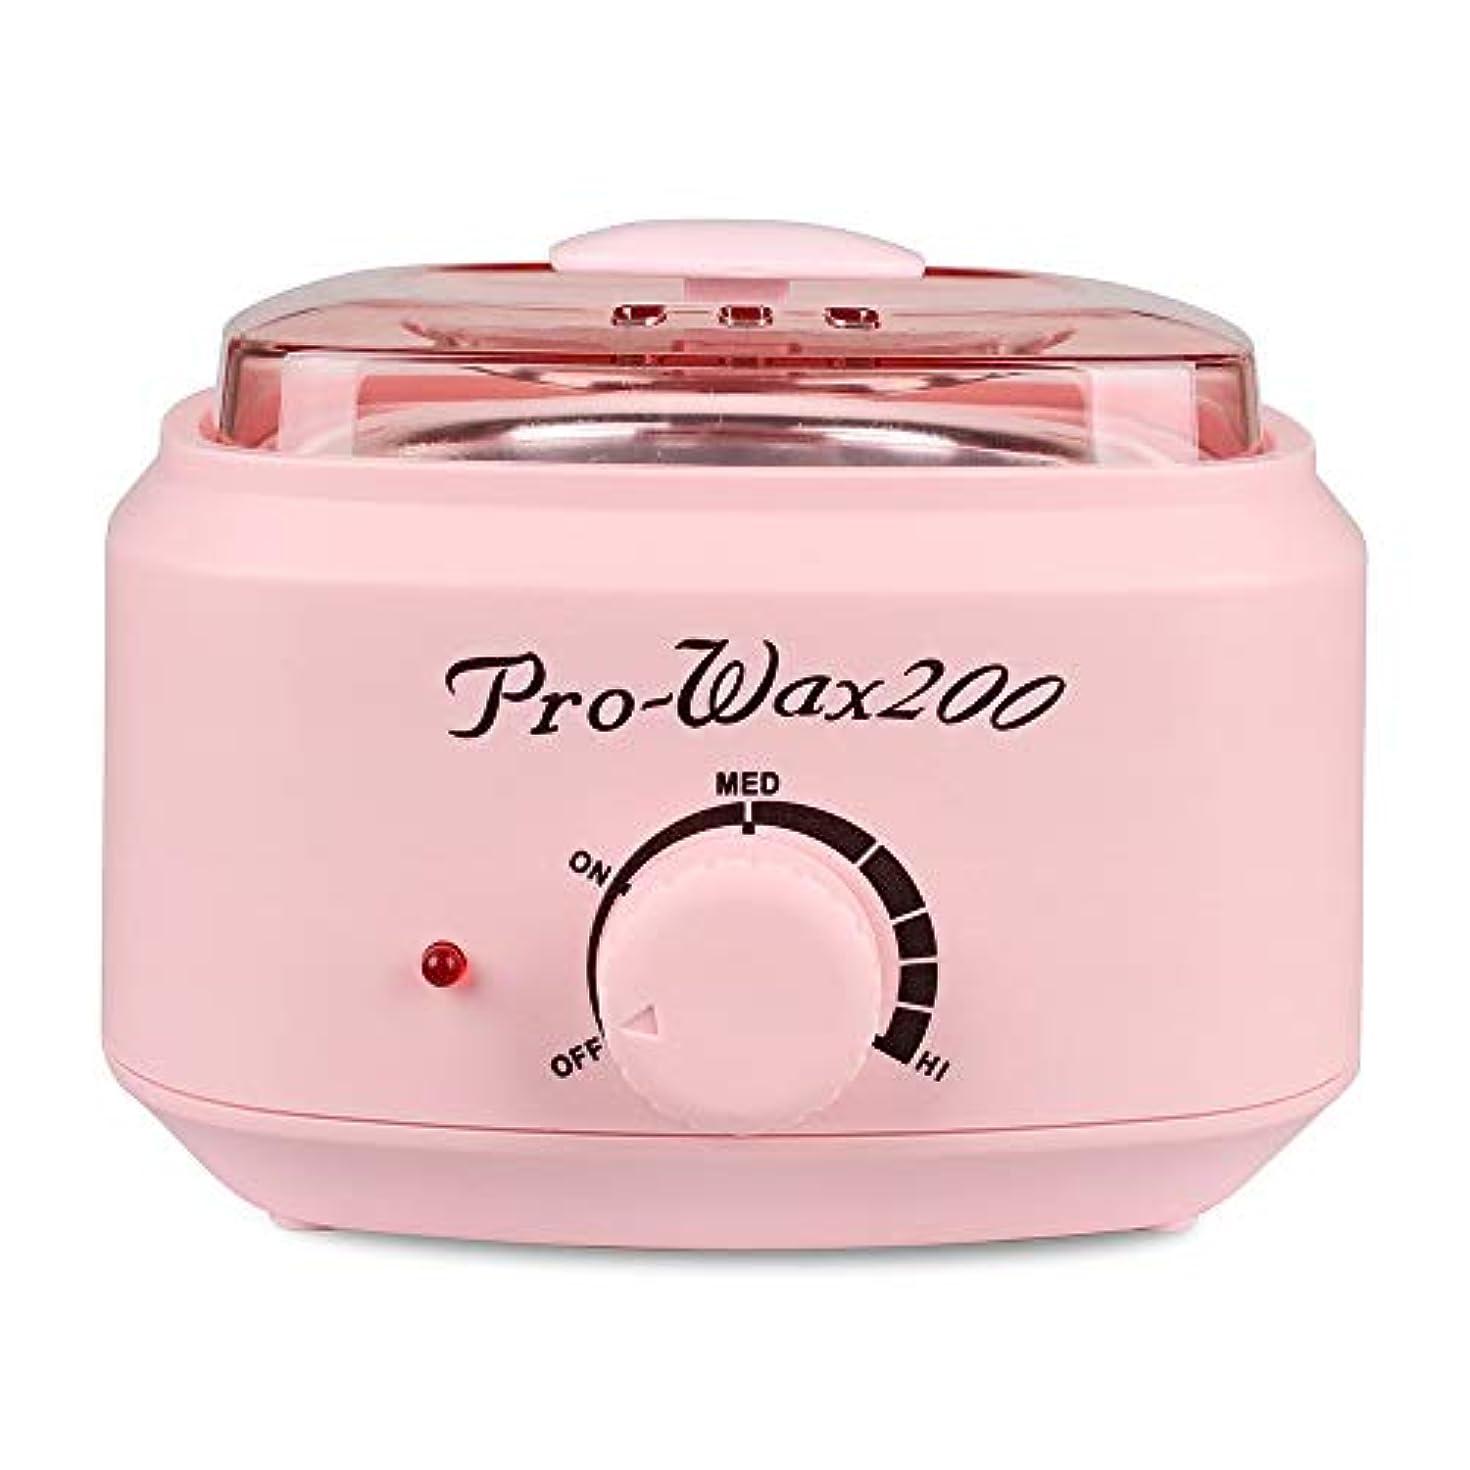 冷蔵庫偏見無脱毛ワックスホットハード香料入りワックスウォーマー男性用女性女性ミニ多機能メルティングポットワックスマシンホームボディワックス(ピンク)